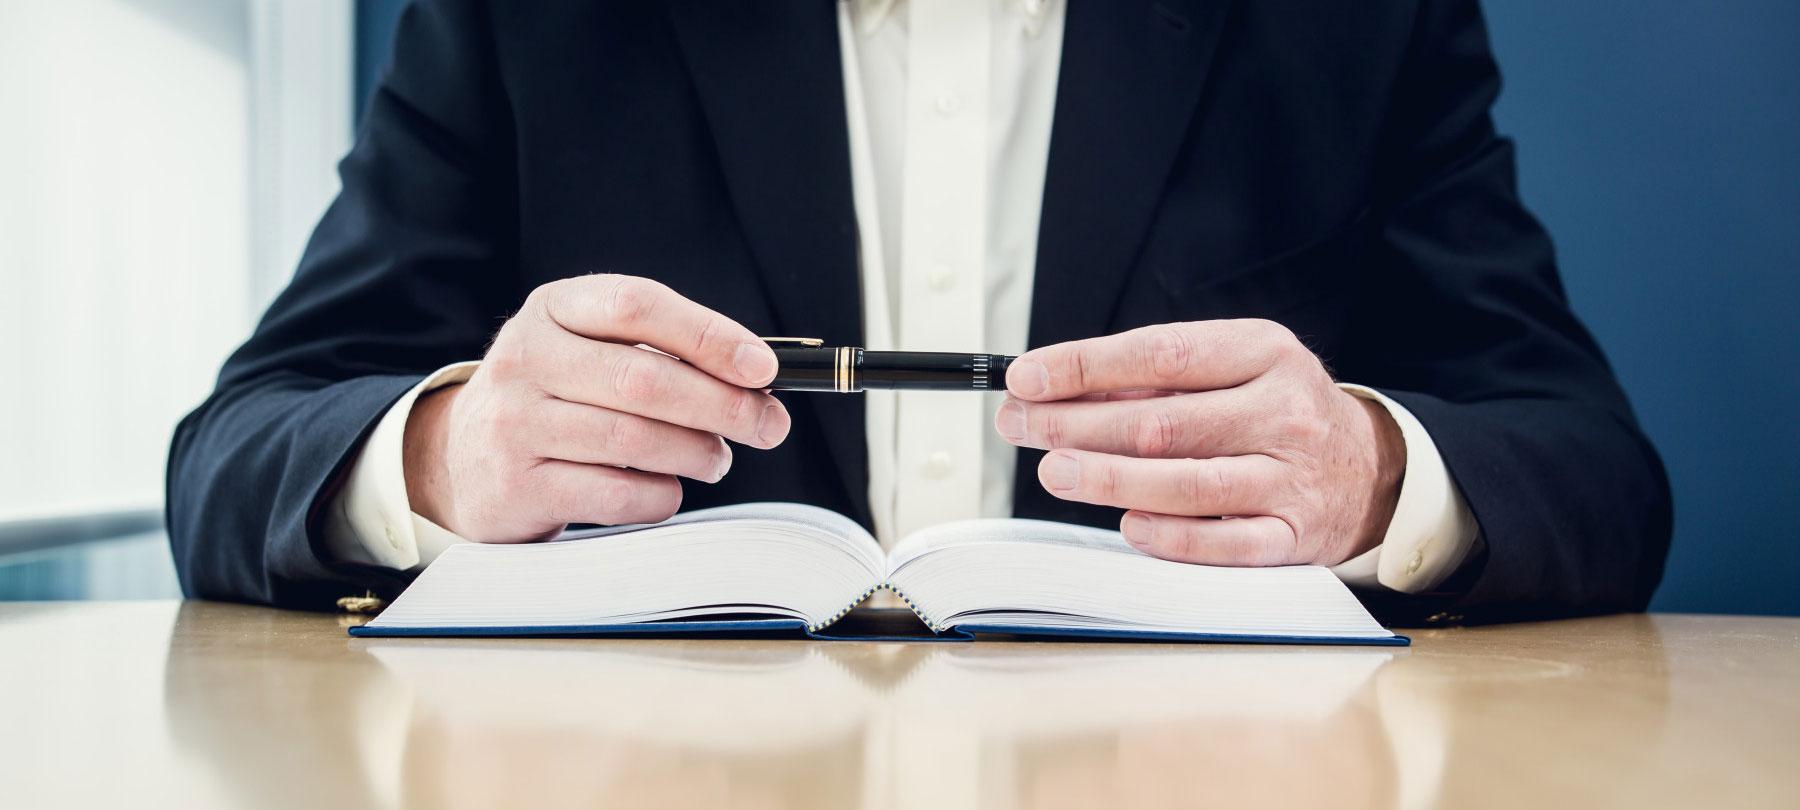 Реєстраціяпідприємств та ФОП: професійна юридична допомога